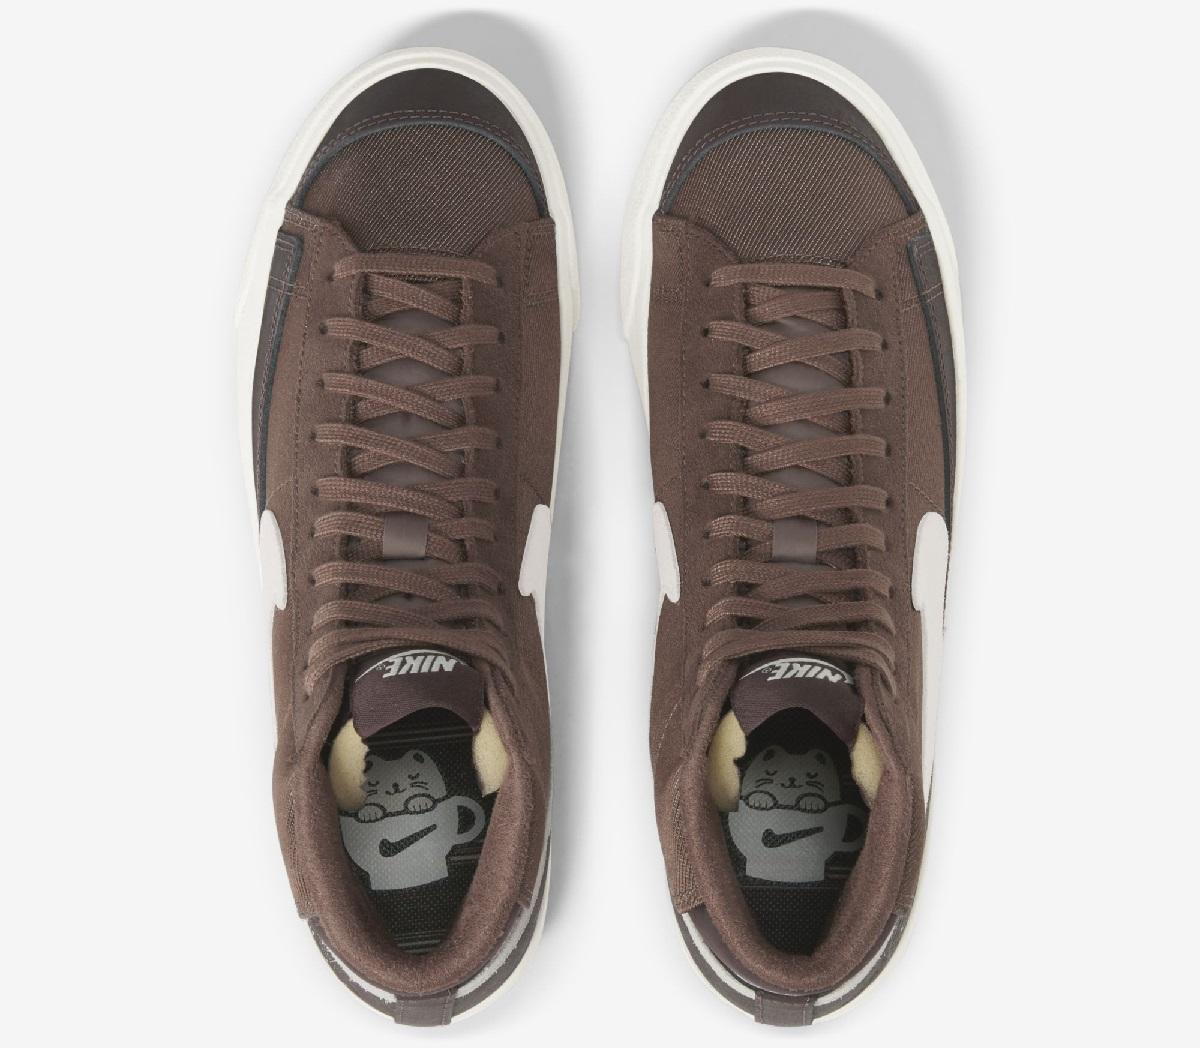 נעליים Nike Blazer Mid 77' Coffee. צילום: נייק